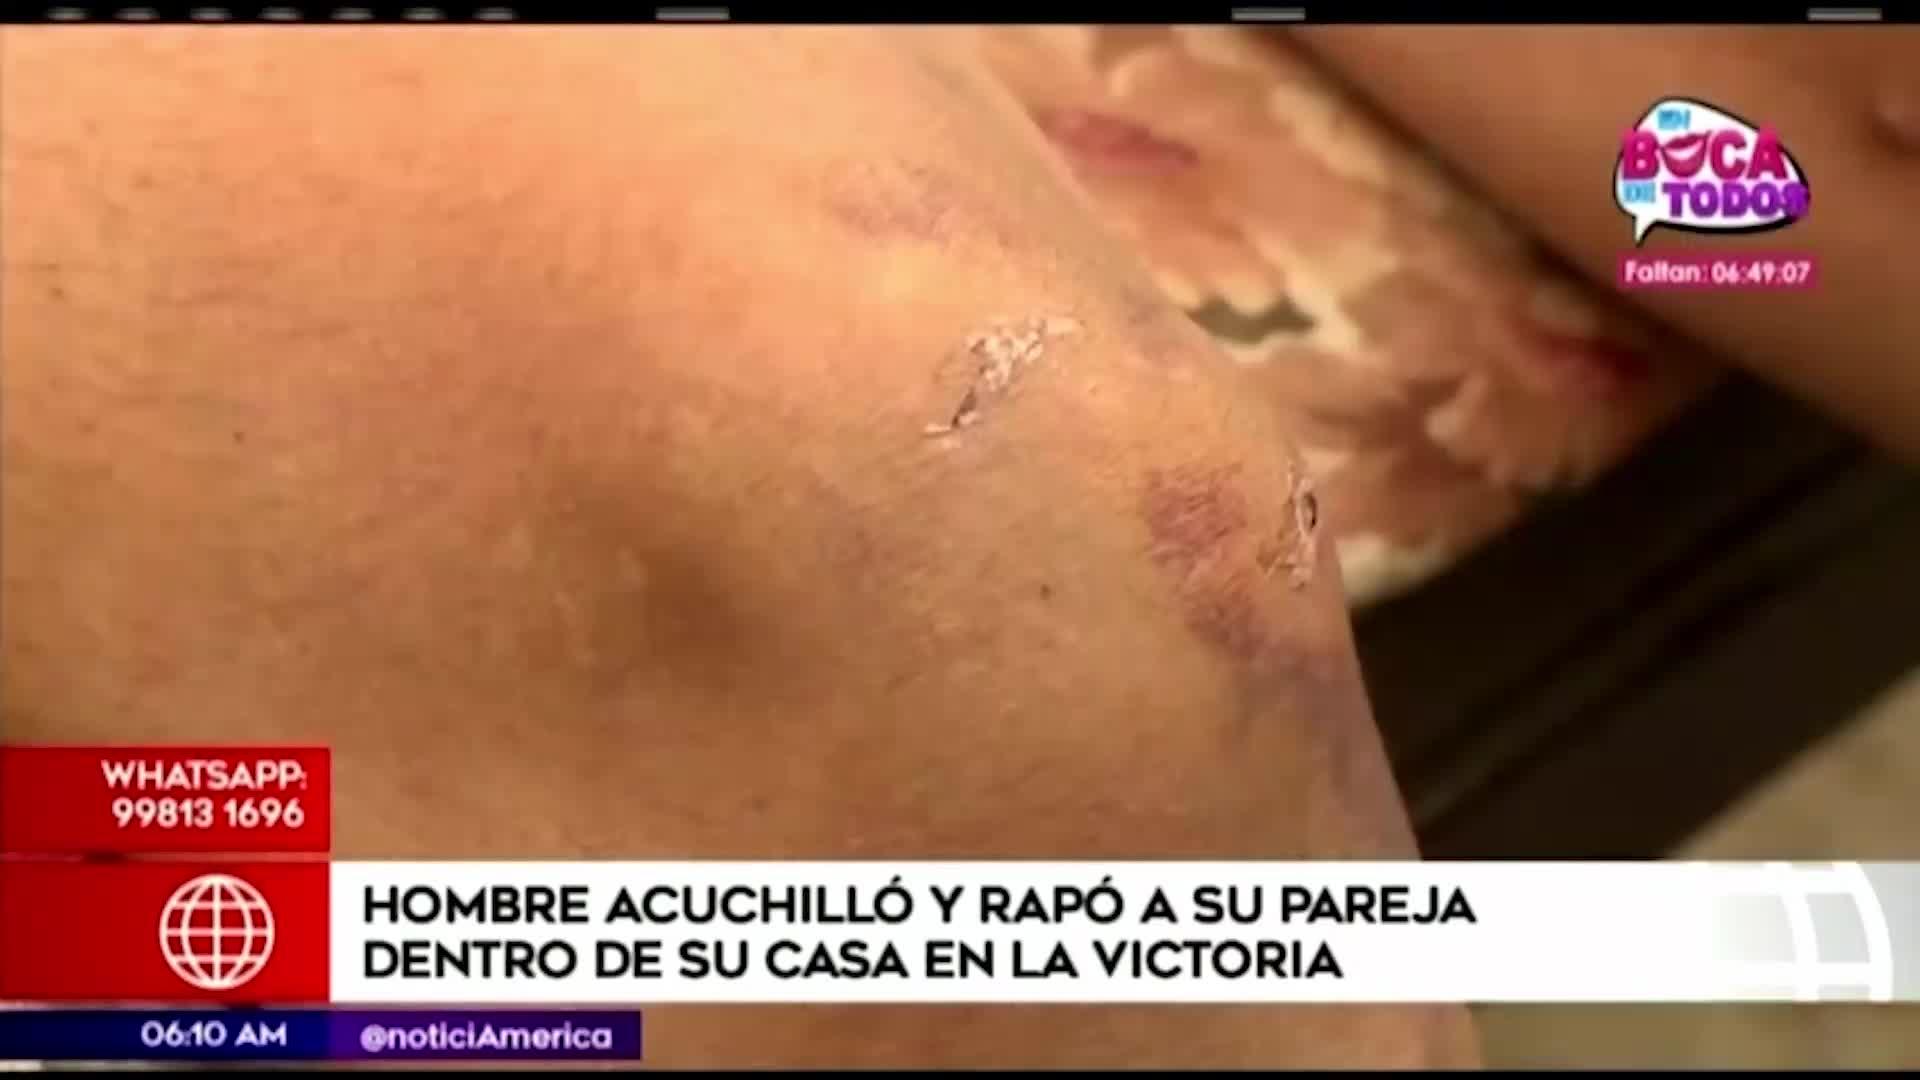 Sujeto acuchilló e intentó matar a su pareja en La Victoria